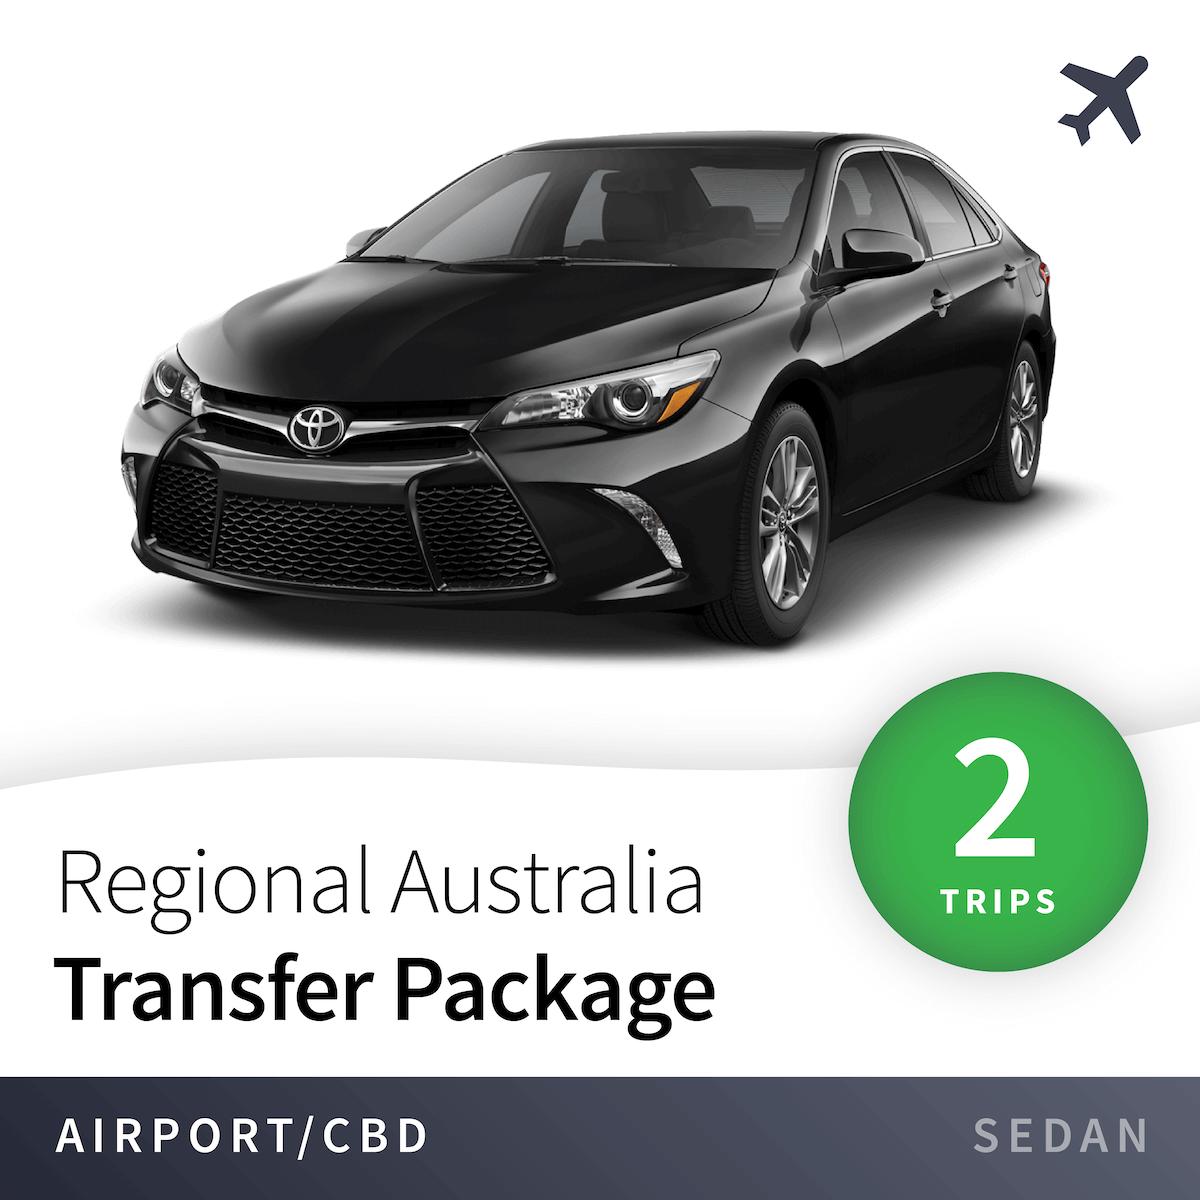 Regional Airport Transfer Package - Sedan (2 Trips) 14